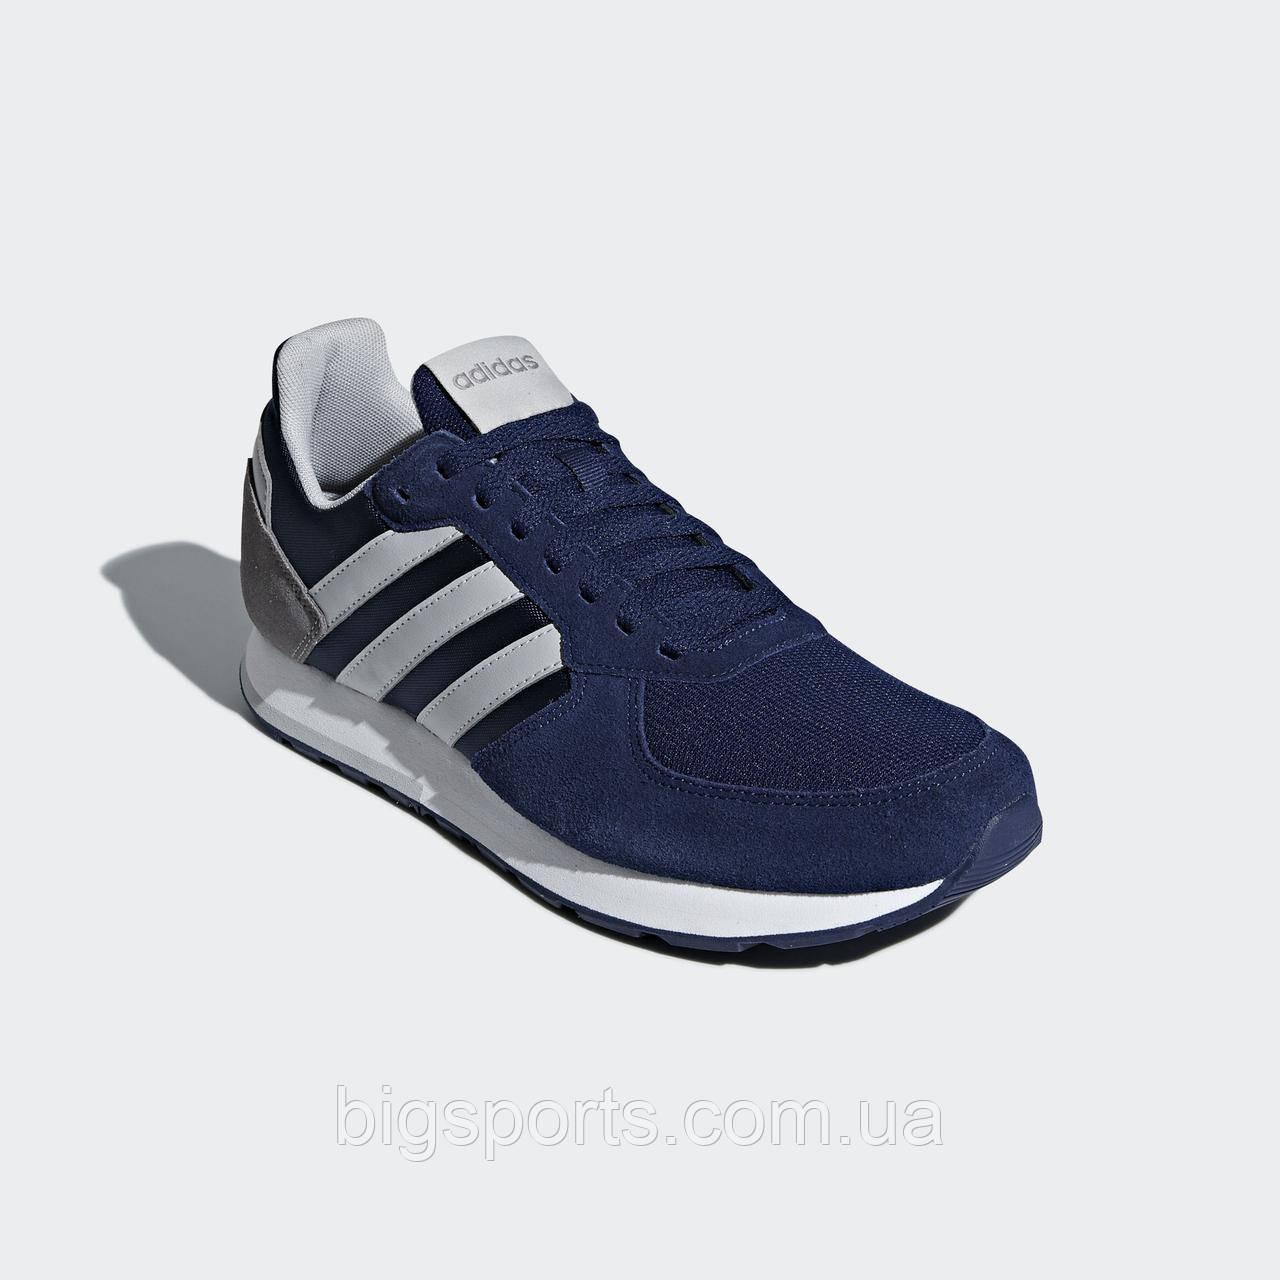 Кросівки чоловік. Adidas Performance 8K (арт. B44669)